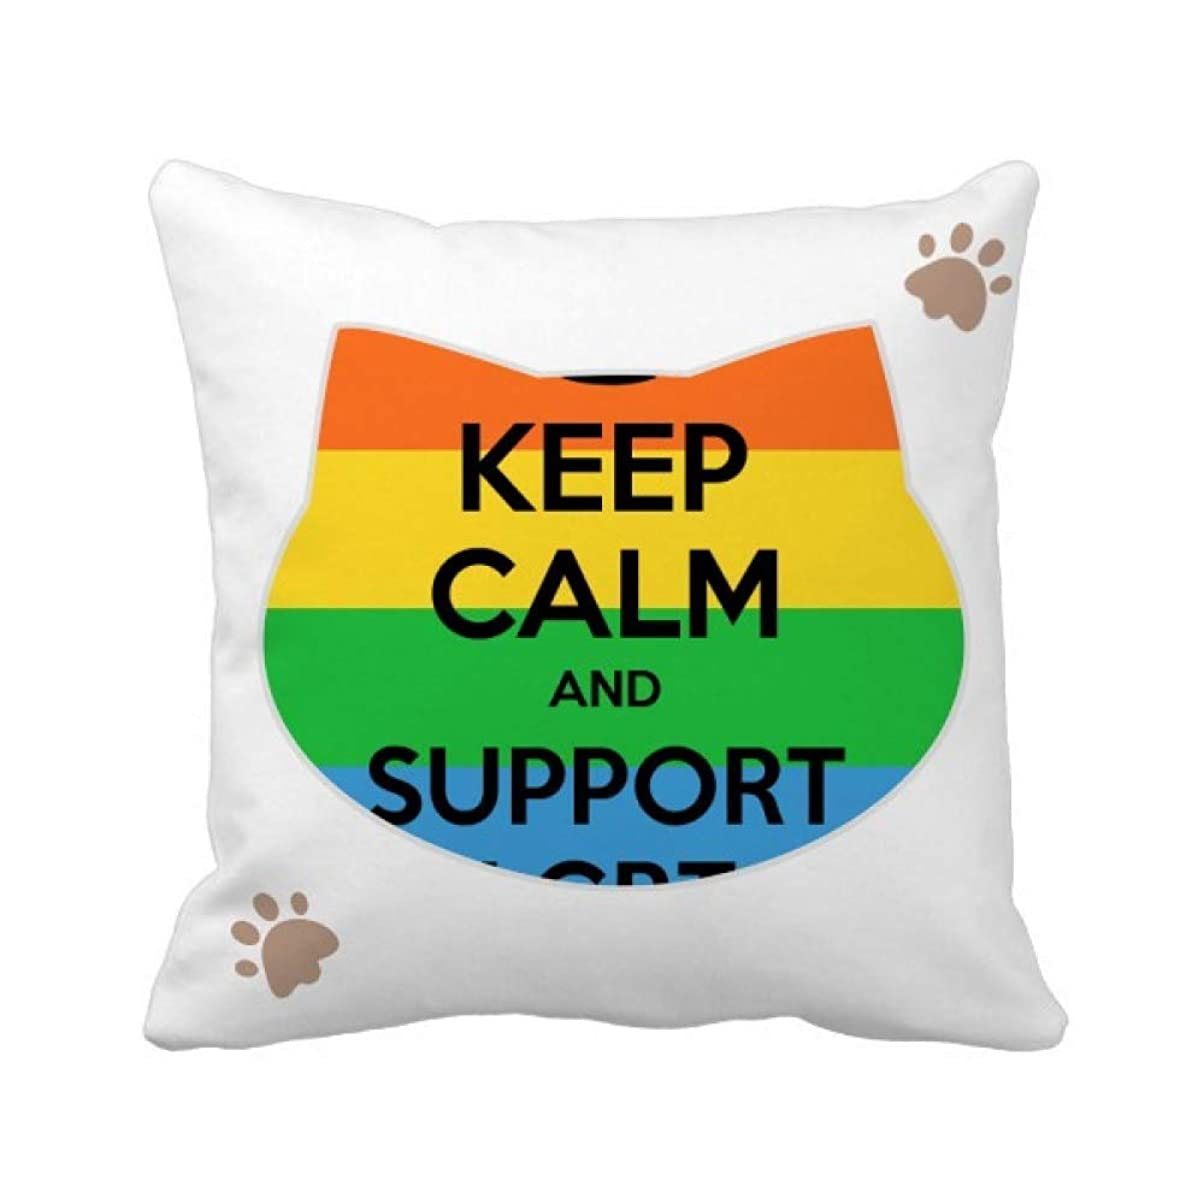 モンキータンクピンクゲイ、レズビアン、トランスジェンダーのバイセクシャルの旗のイラスト 枕カバーを放り投げる猫広場 50cm x 50cm